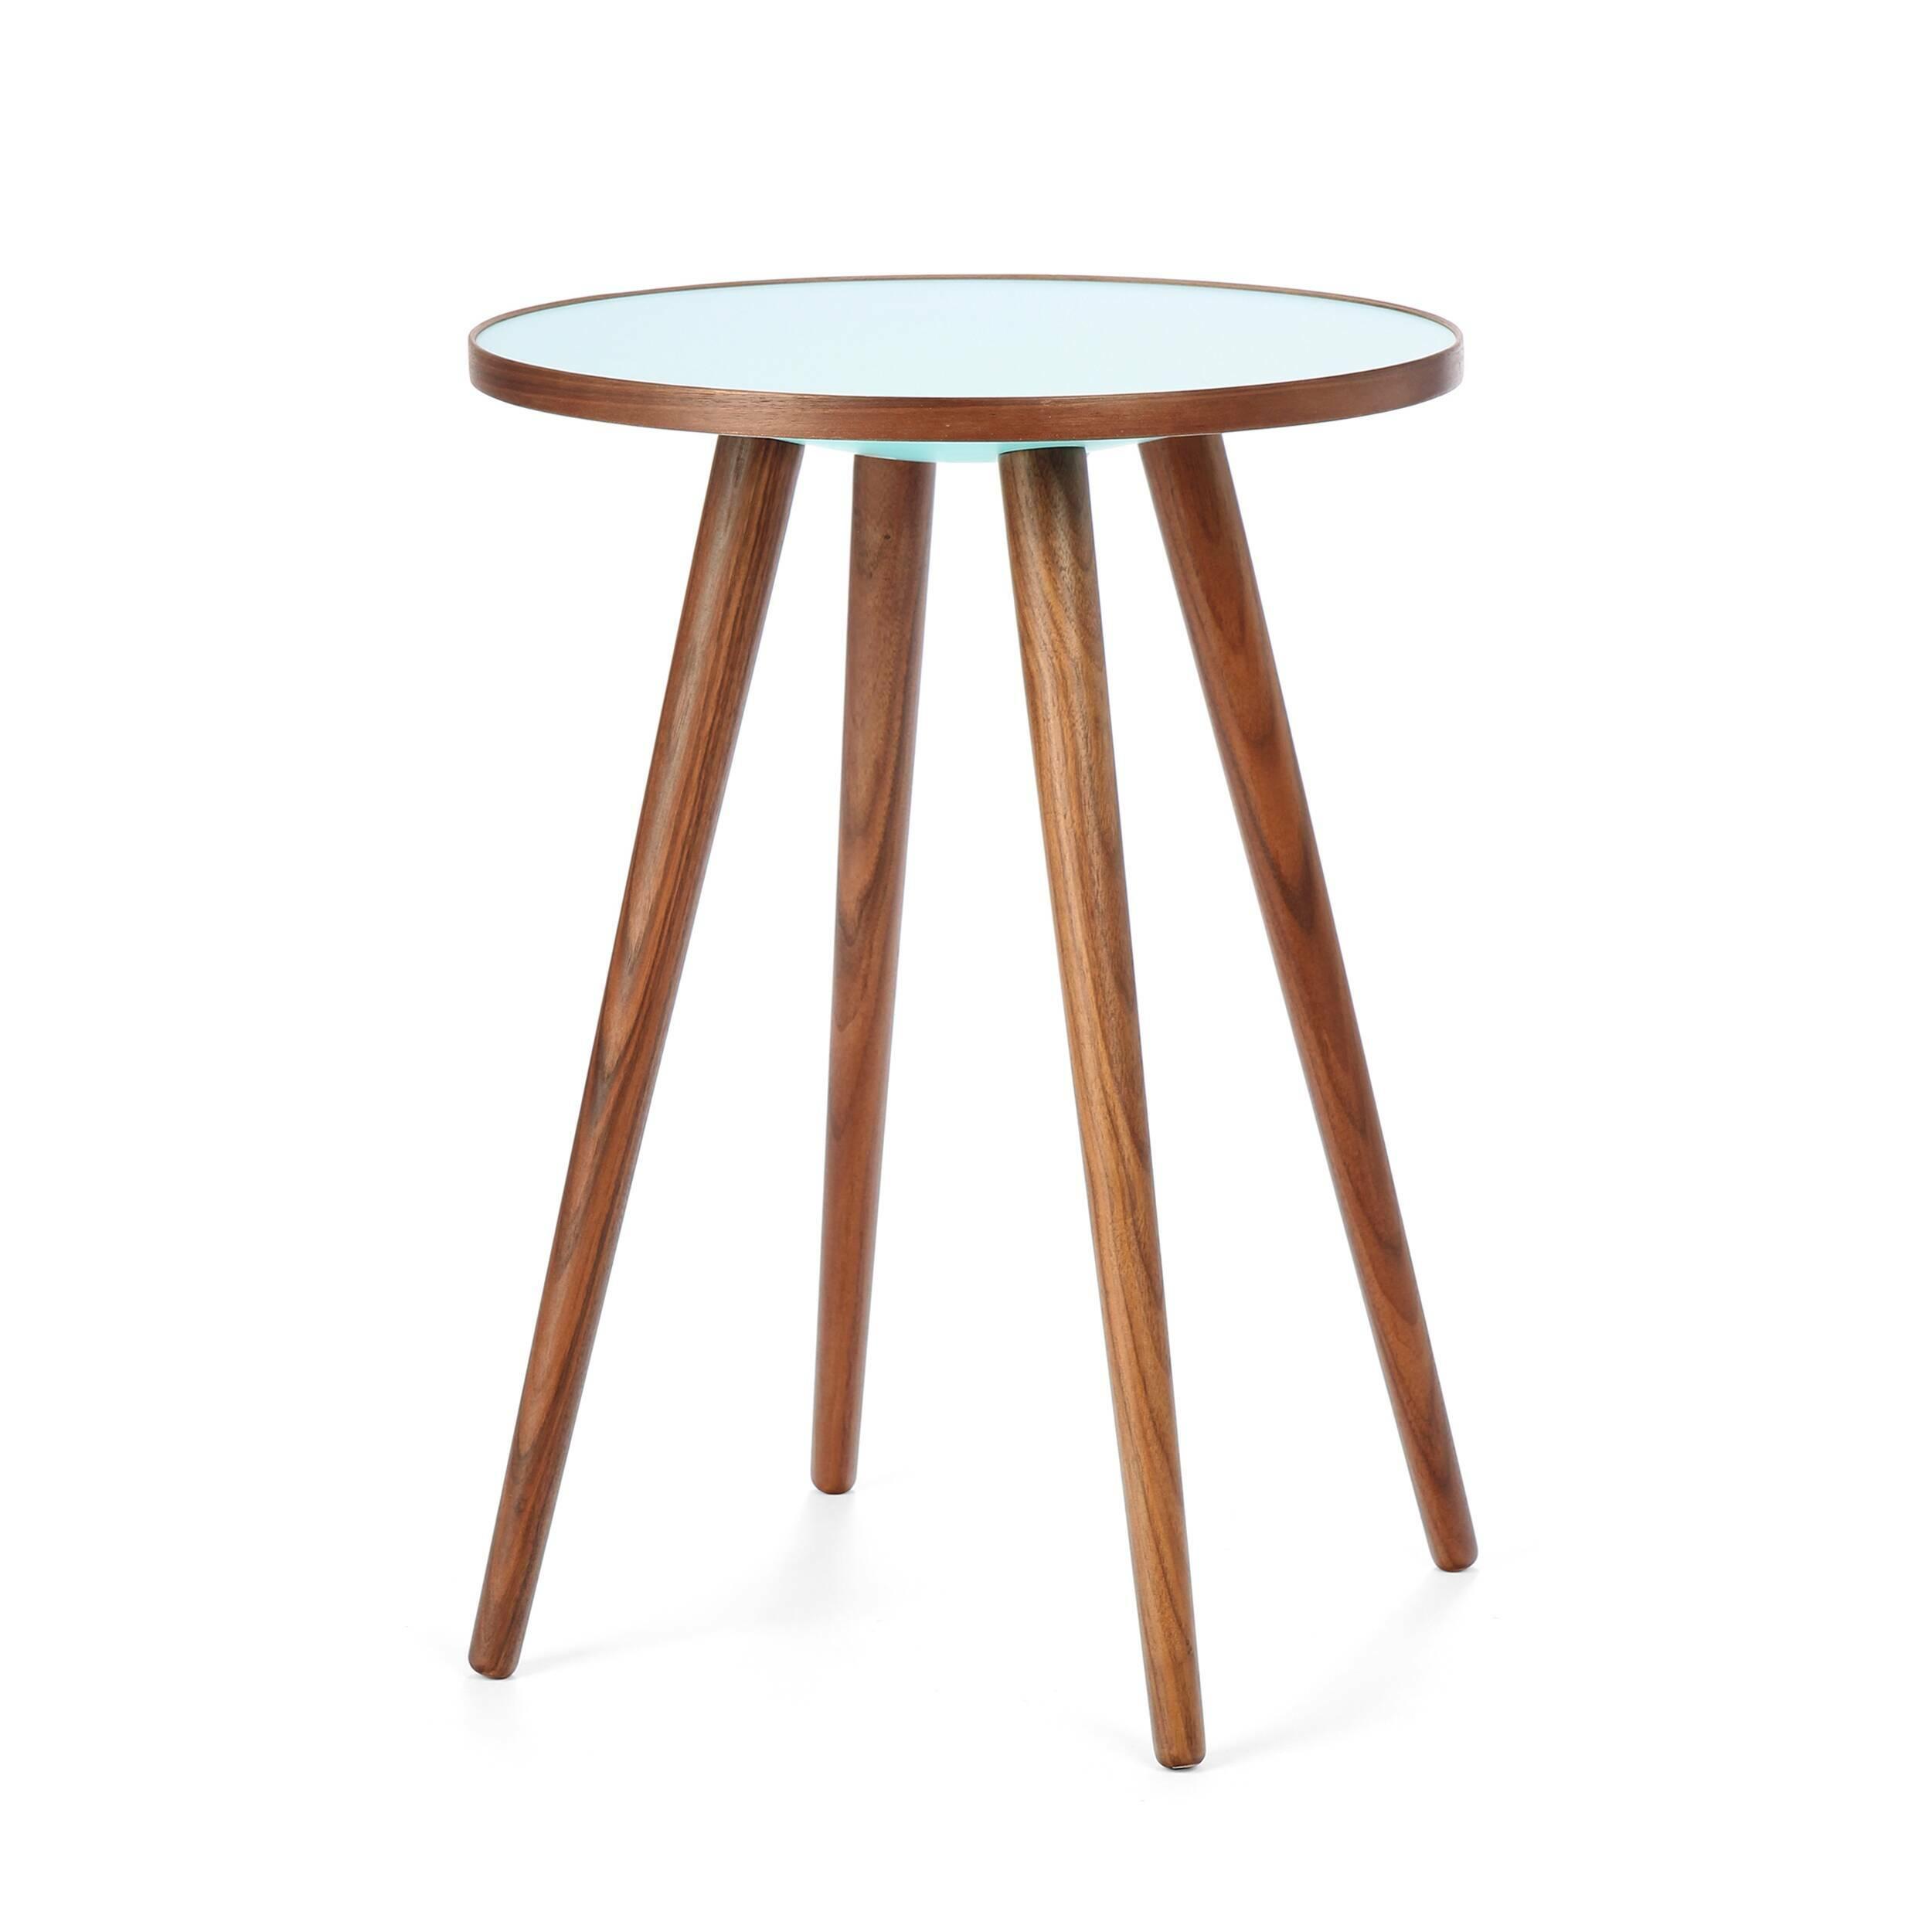 Кофейный стол Sputnik высота 55 диаметр 41Кофейные столики<br>Дизайнерский кофейный стол Sputnik (Спутник) (высота 55 диаметр 41) с пластиковой столешницей на четырех ножках от Cosmo (Космо).<br><br><br> Кофейный стол Sputnik высота 55 диаметр 41 имеет четыре длинные устойчивые ножки и небольшую круглую столешницу. Его разработал американский дизайнер и архитектор мирового уровня Шон Дикс. Столик сделан из качественной древесины американского ореха, что делает его достаточно прочным  и долговечным. Столешница  покрыта меламином, благодаря чему устойчива к н...<br><br>stock: 6<br>Высота: 55<br>Диаметр: 40,6<br>Цвет ножек: Орех американский<br>Цвет столешницы: Голубой<br>Материал ножек: Массив ореха<br>Тип материала столешницы: Пластик<br>Тип материала ножек: Дерево